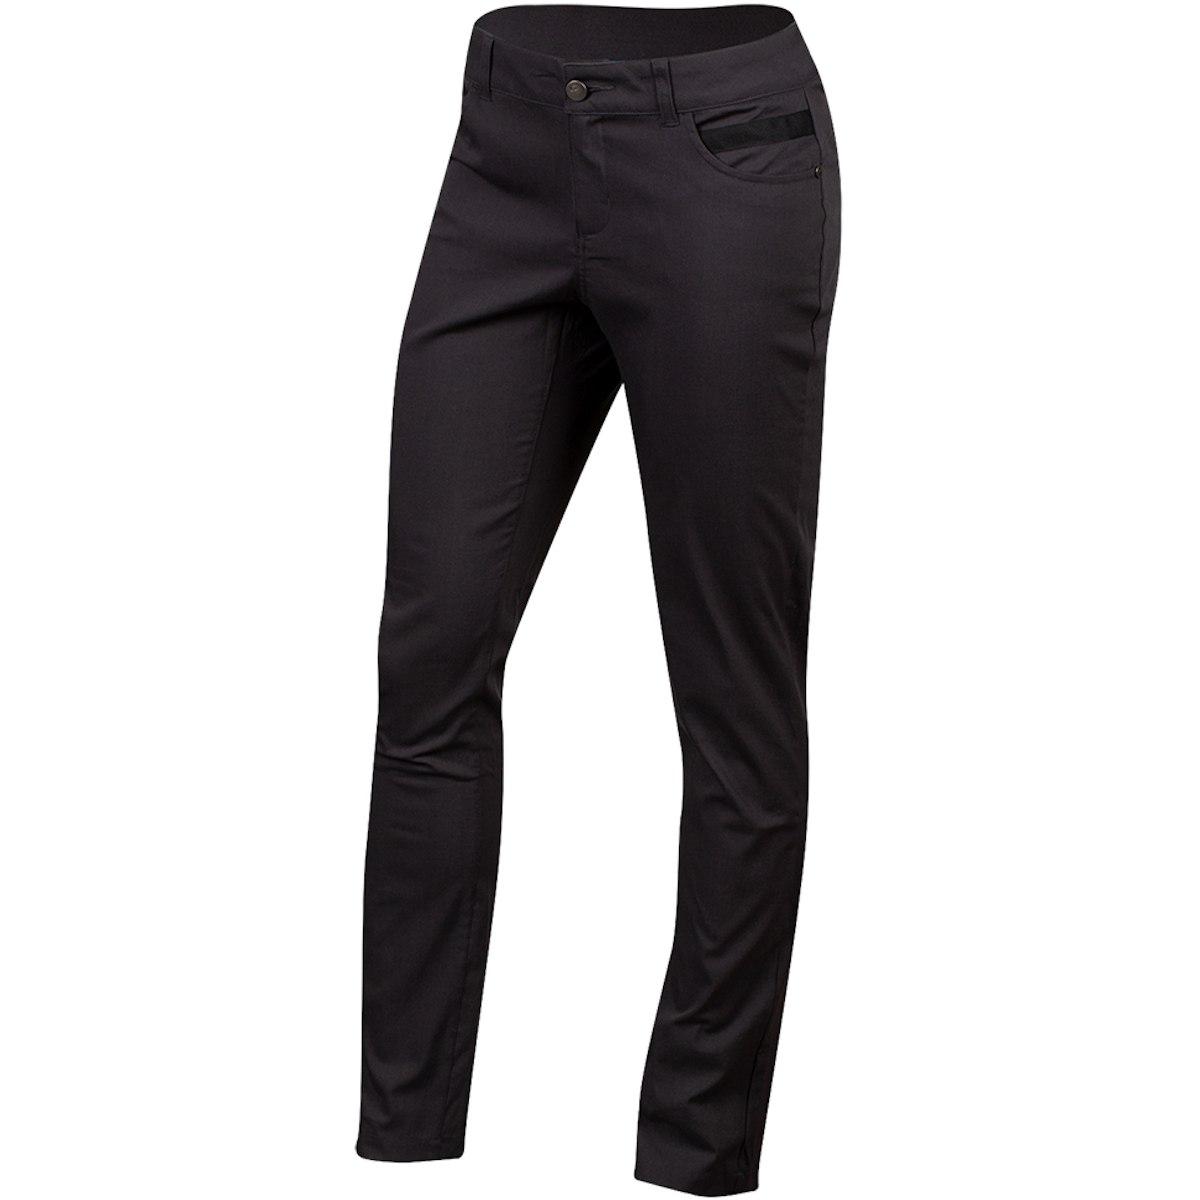 Foto de PEARL iZUMi Rove MTB Pantalones para mujeres 17212003 - phantom - 6LR